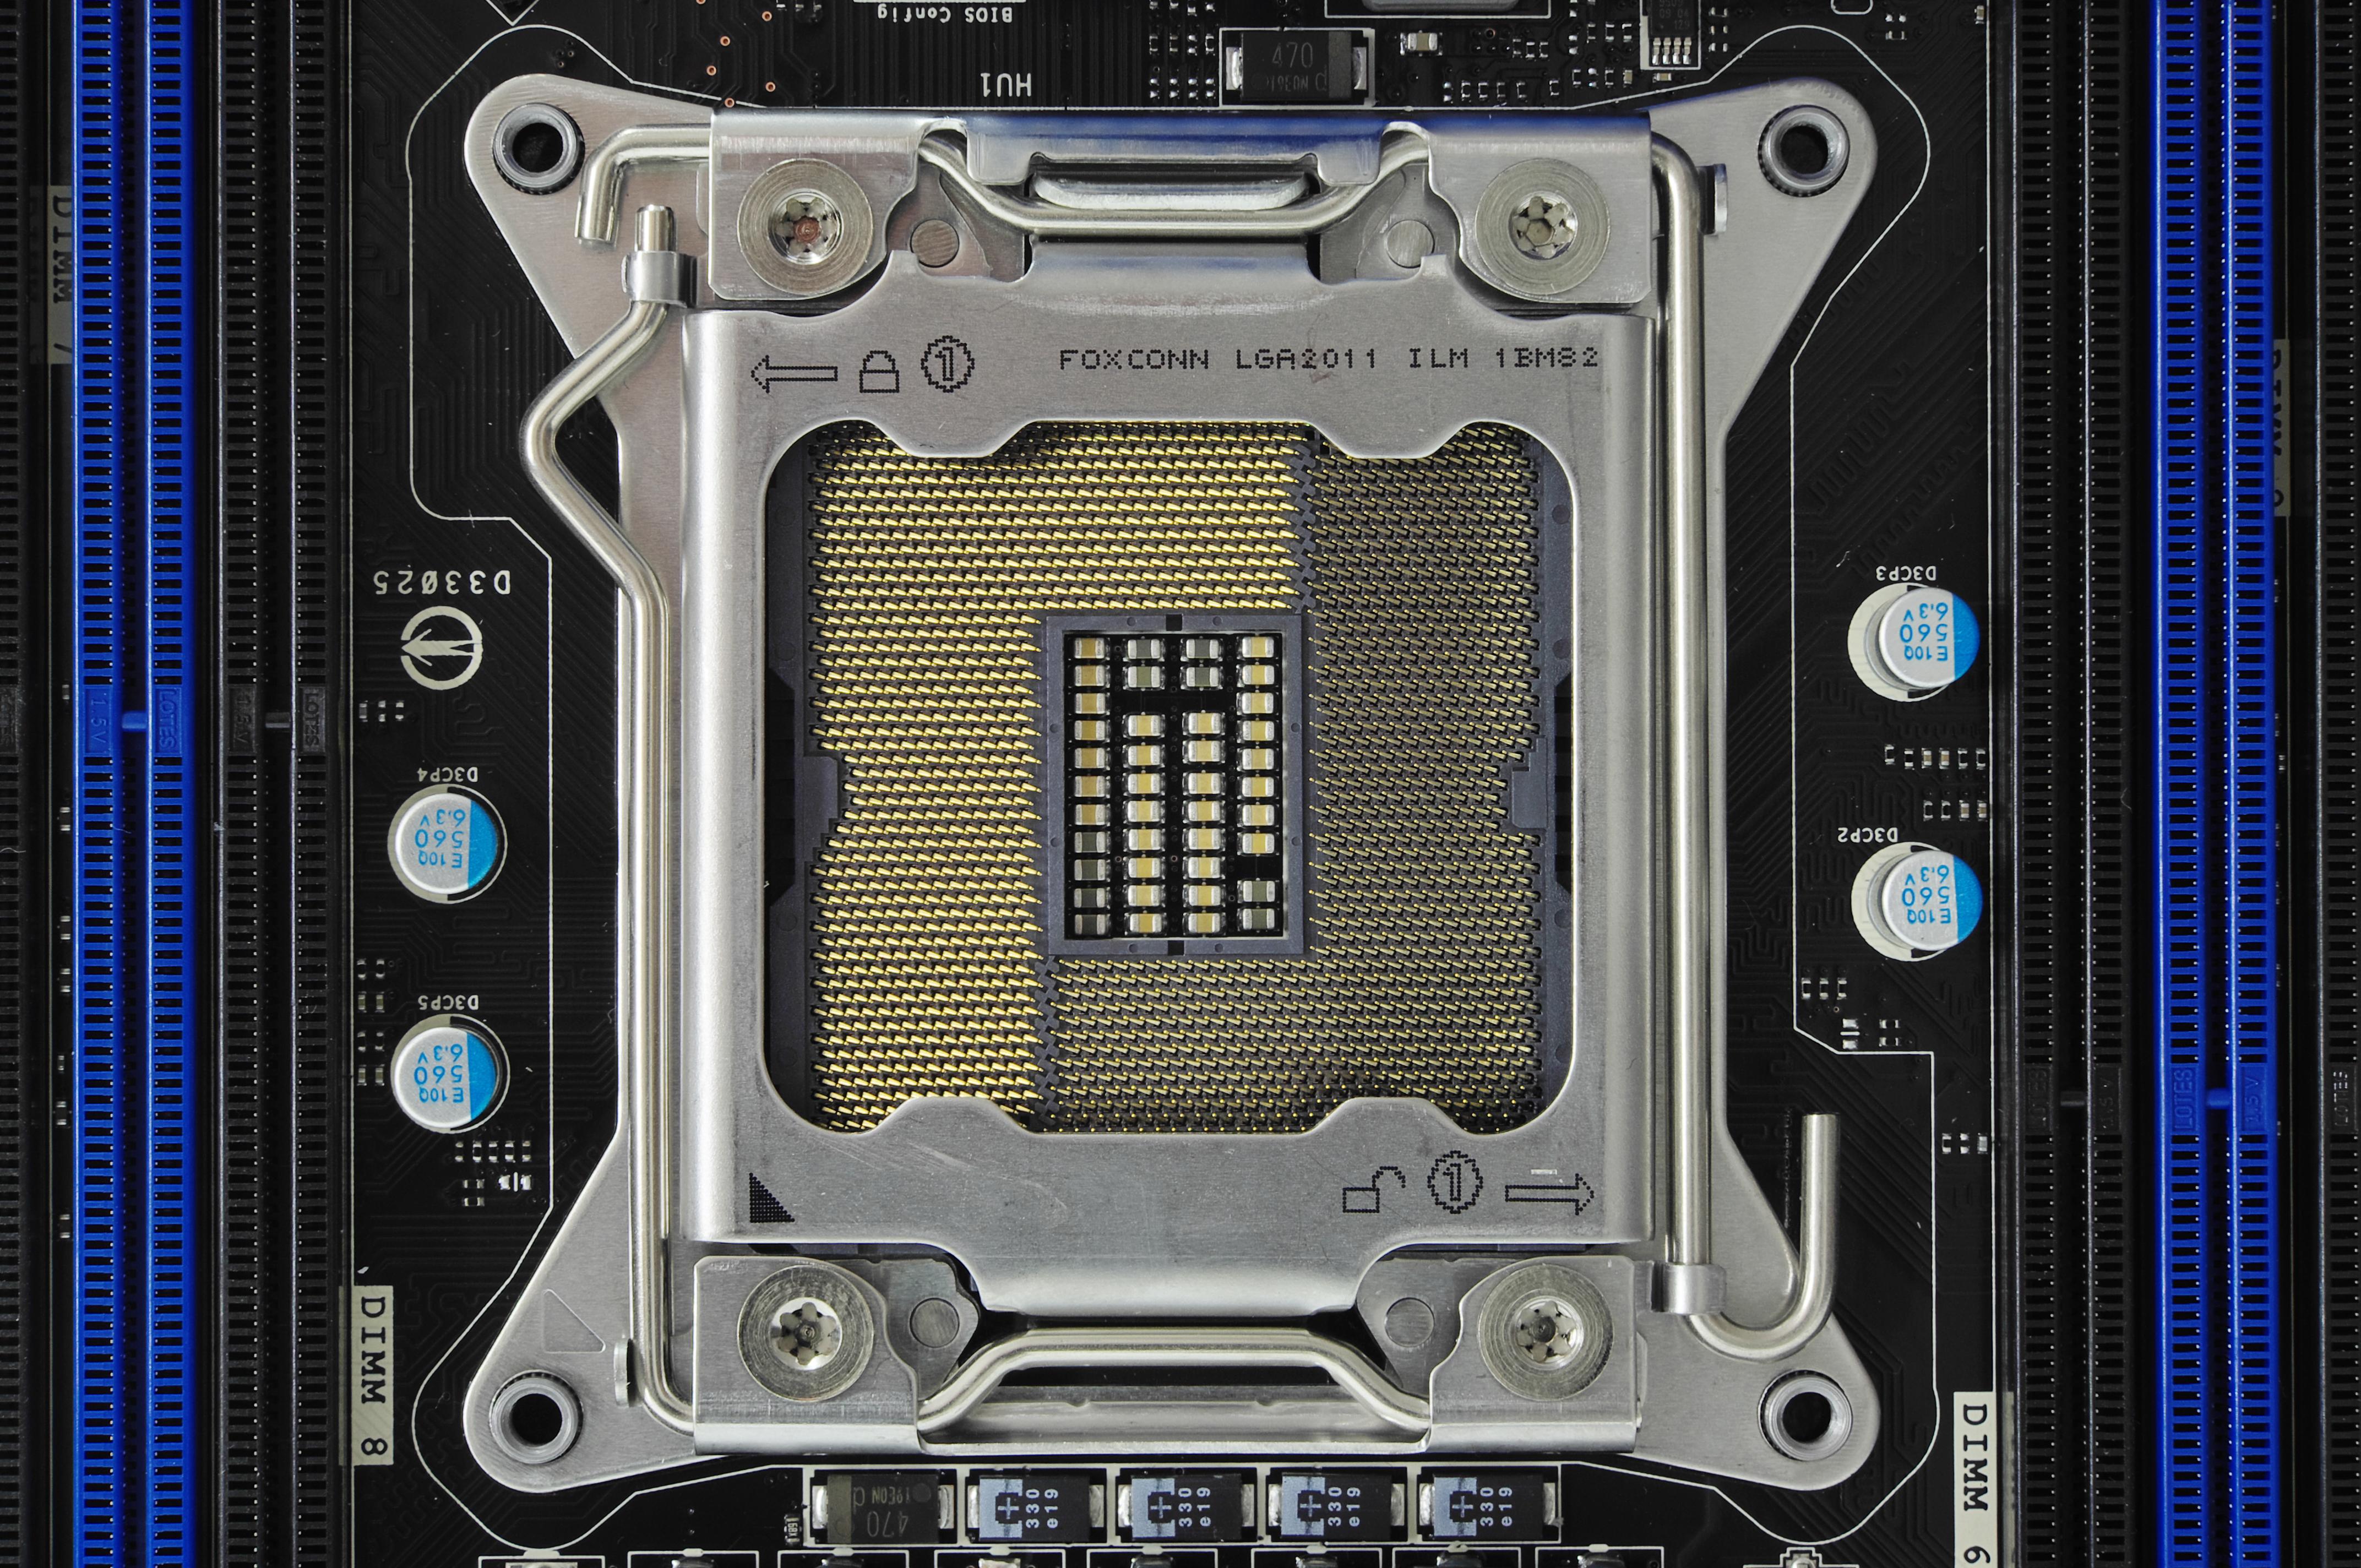 Daftar Harga Prosesor Intel LGA 2011 Terbaru Februari 2013